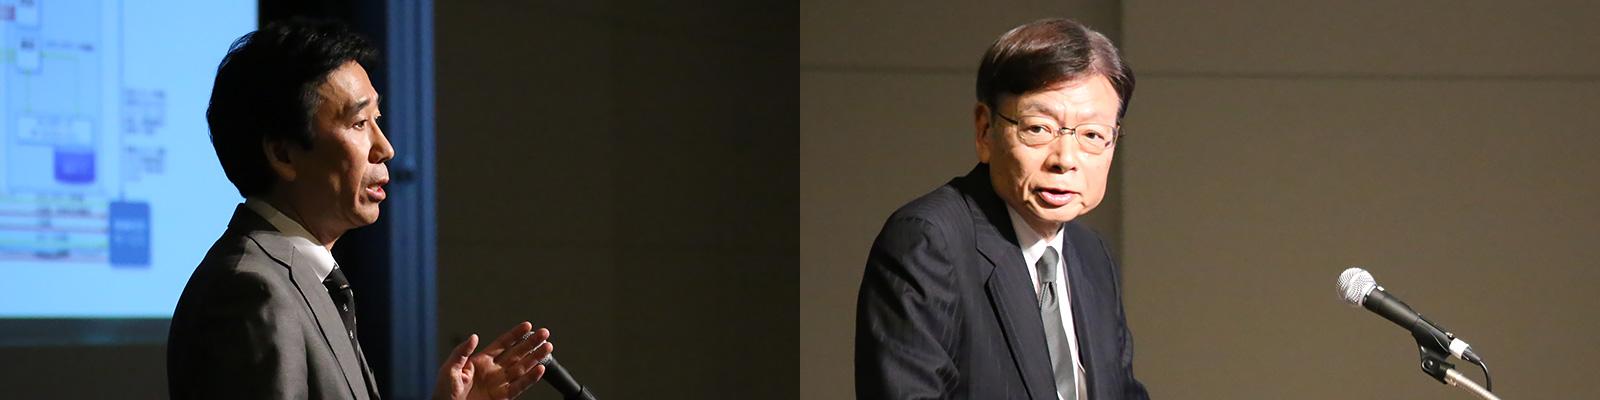 ソリトンシステムズ 取締役副社長 CISO 遊佐 洋氏 / ソリトンシステムズ ITセキュリティ事業部 クラウドサービス技術部部長 正木淳雄氏